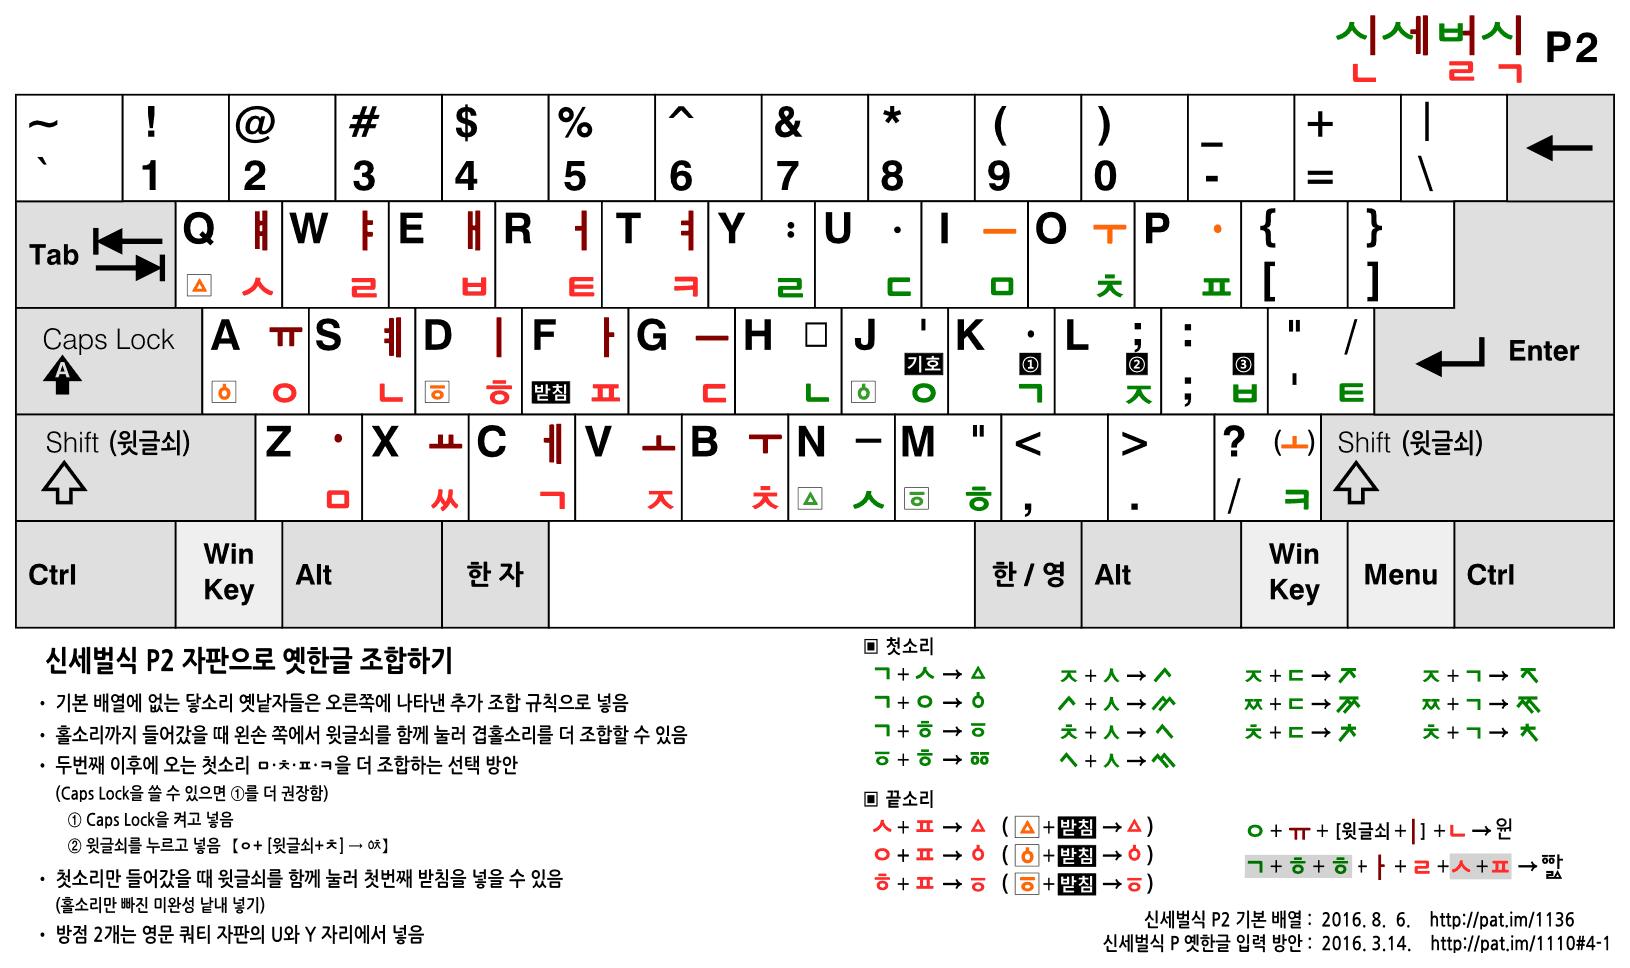 예외 낱자 조합을 통한 신세벌식 P2 옛한글 입력 방안 (옛 배열)